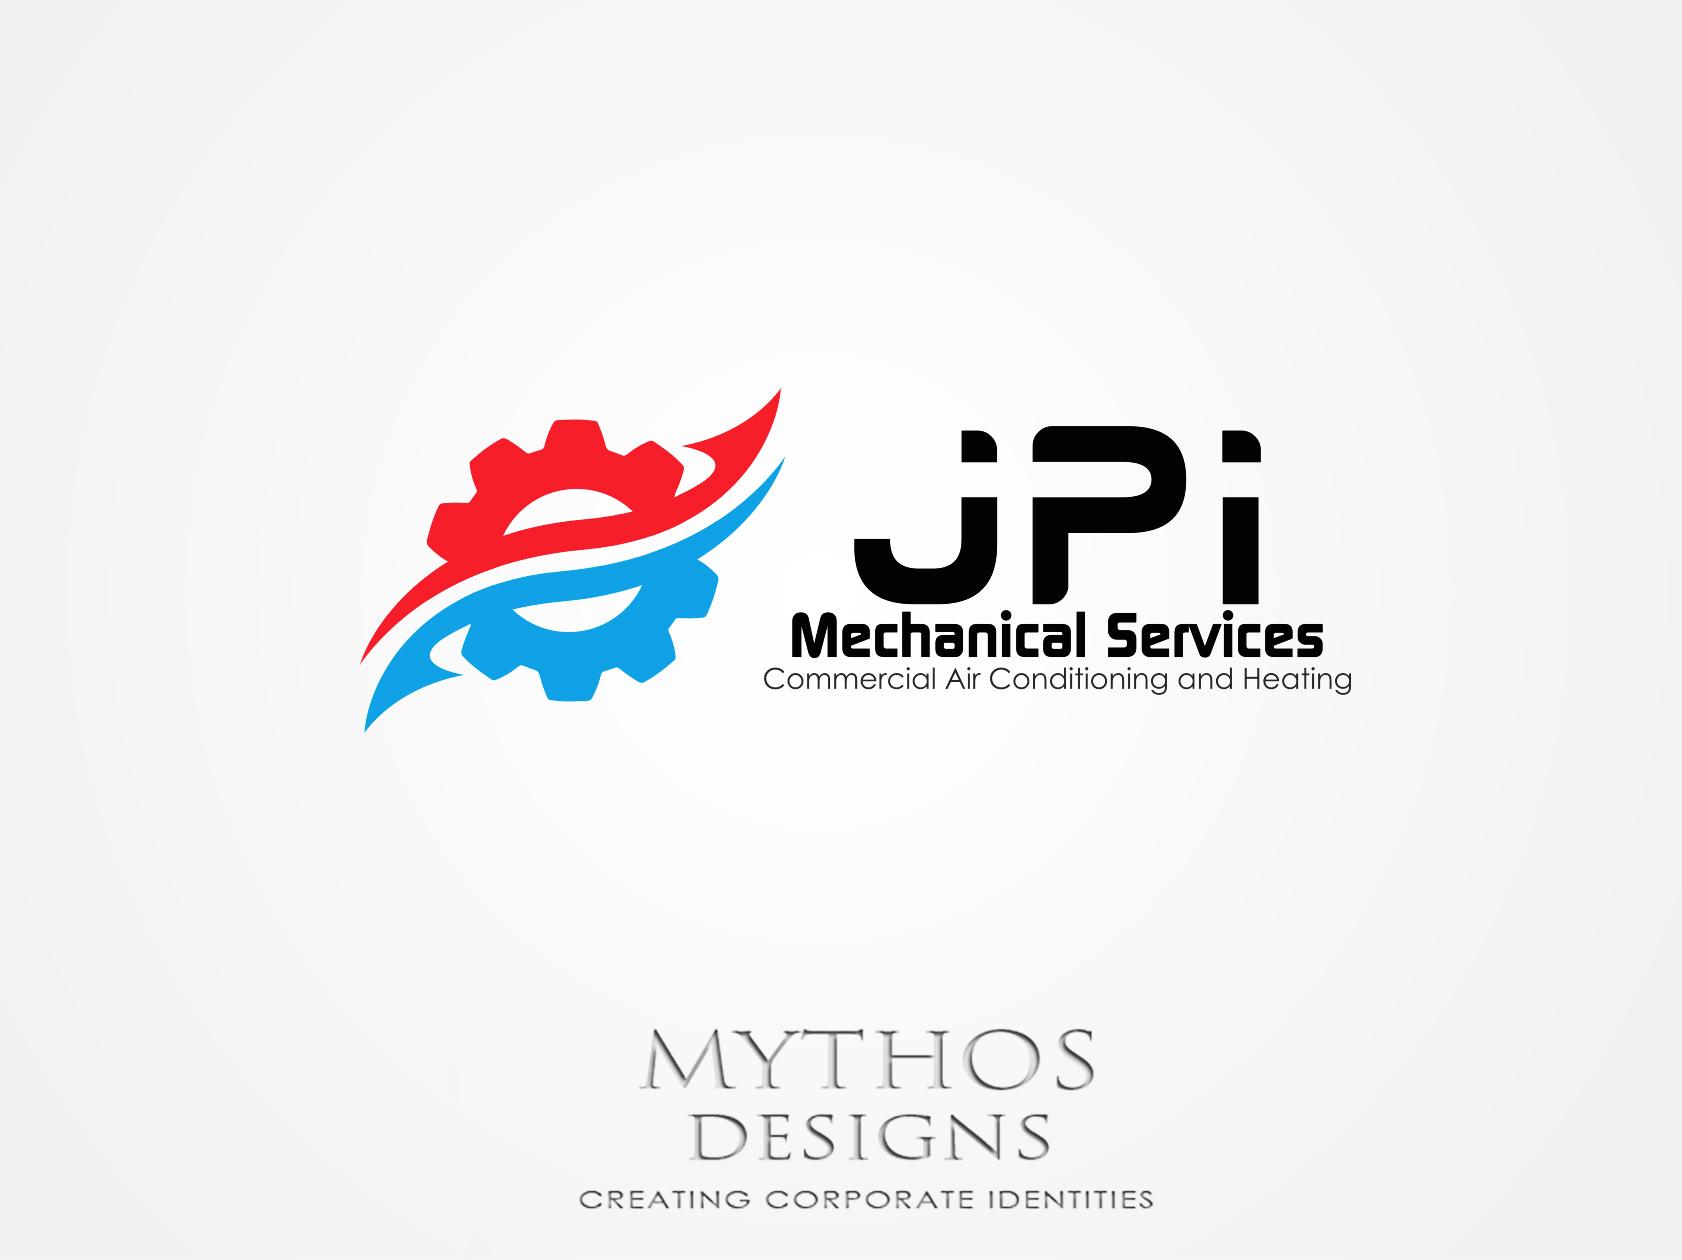 Logo Design by Mythos Designs - Entry No. 98 in the Logo Design Contest Inspiring Logo Design for JPI Mecanical Services.